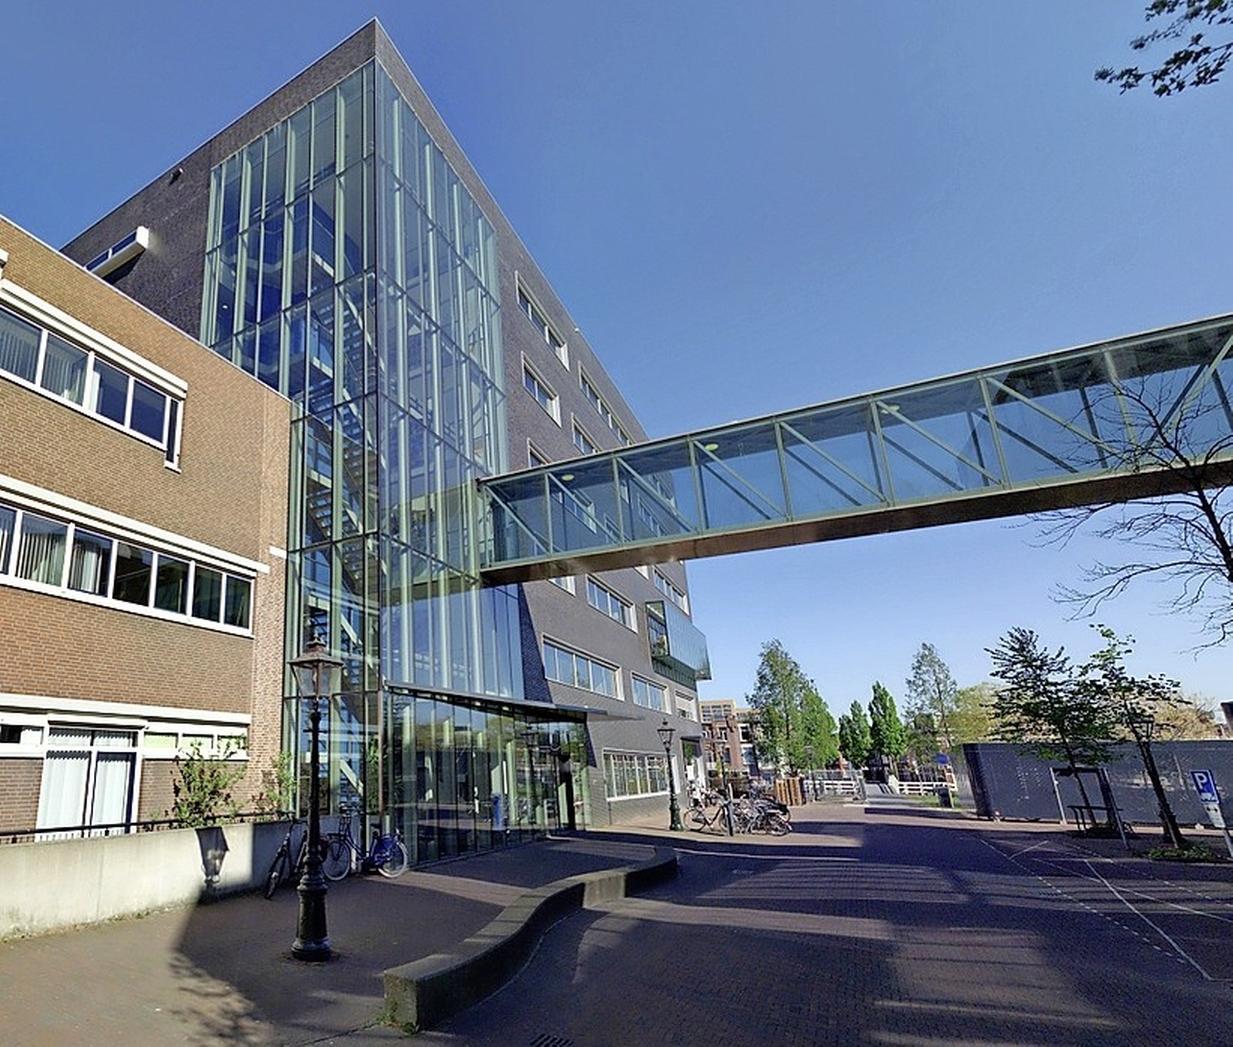 Servicepunt71 verdwijnt, ambtenaren en taken naar de gemeente Leiden